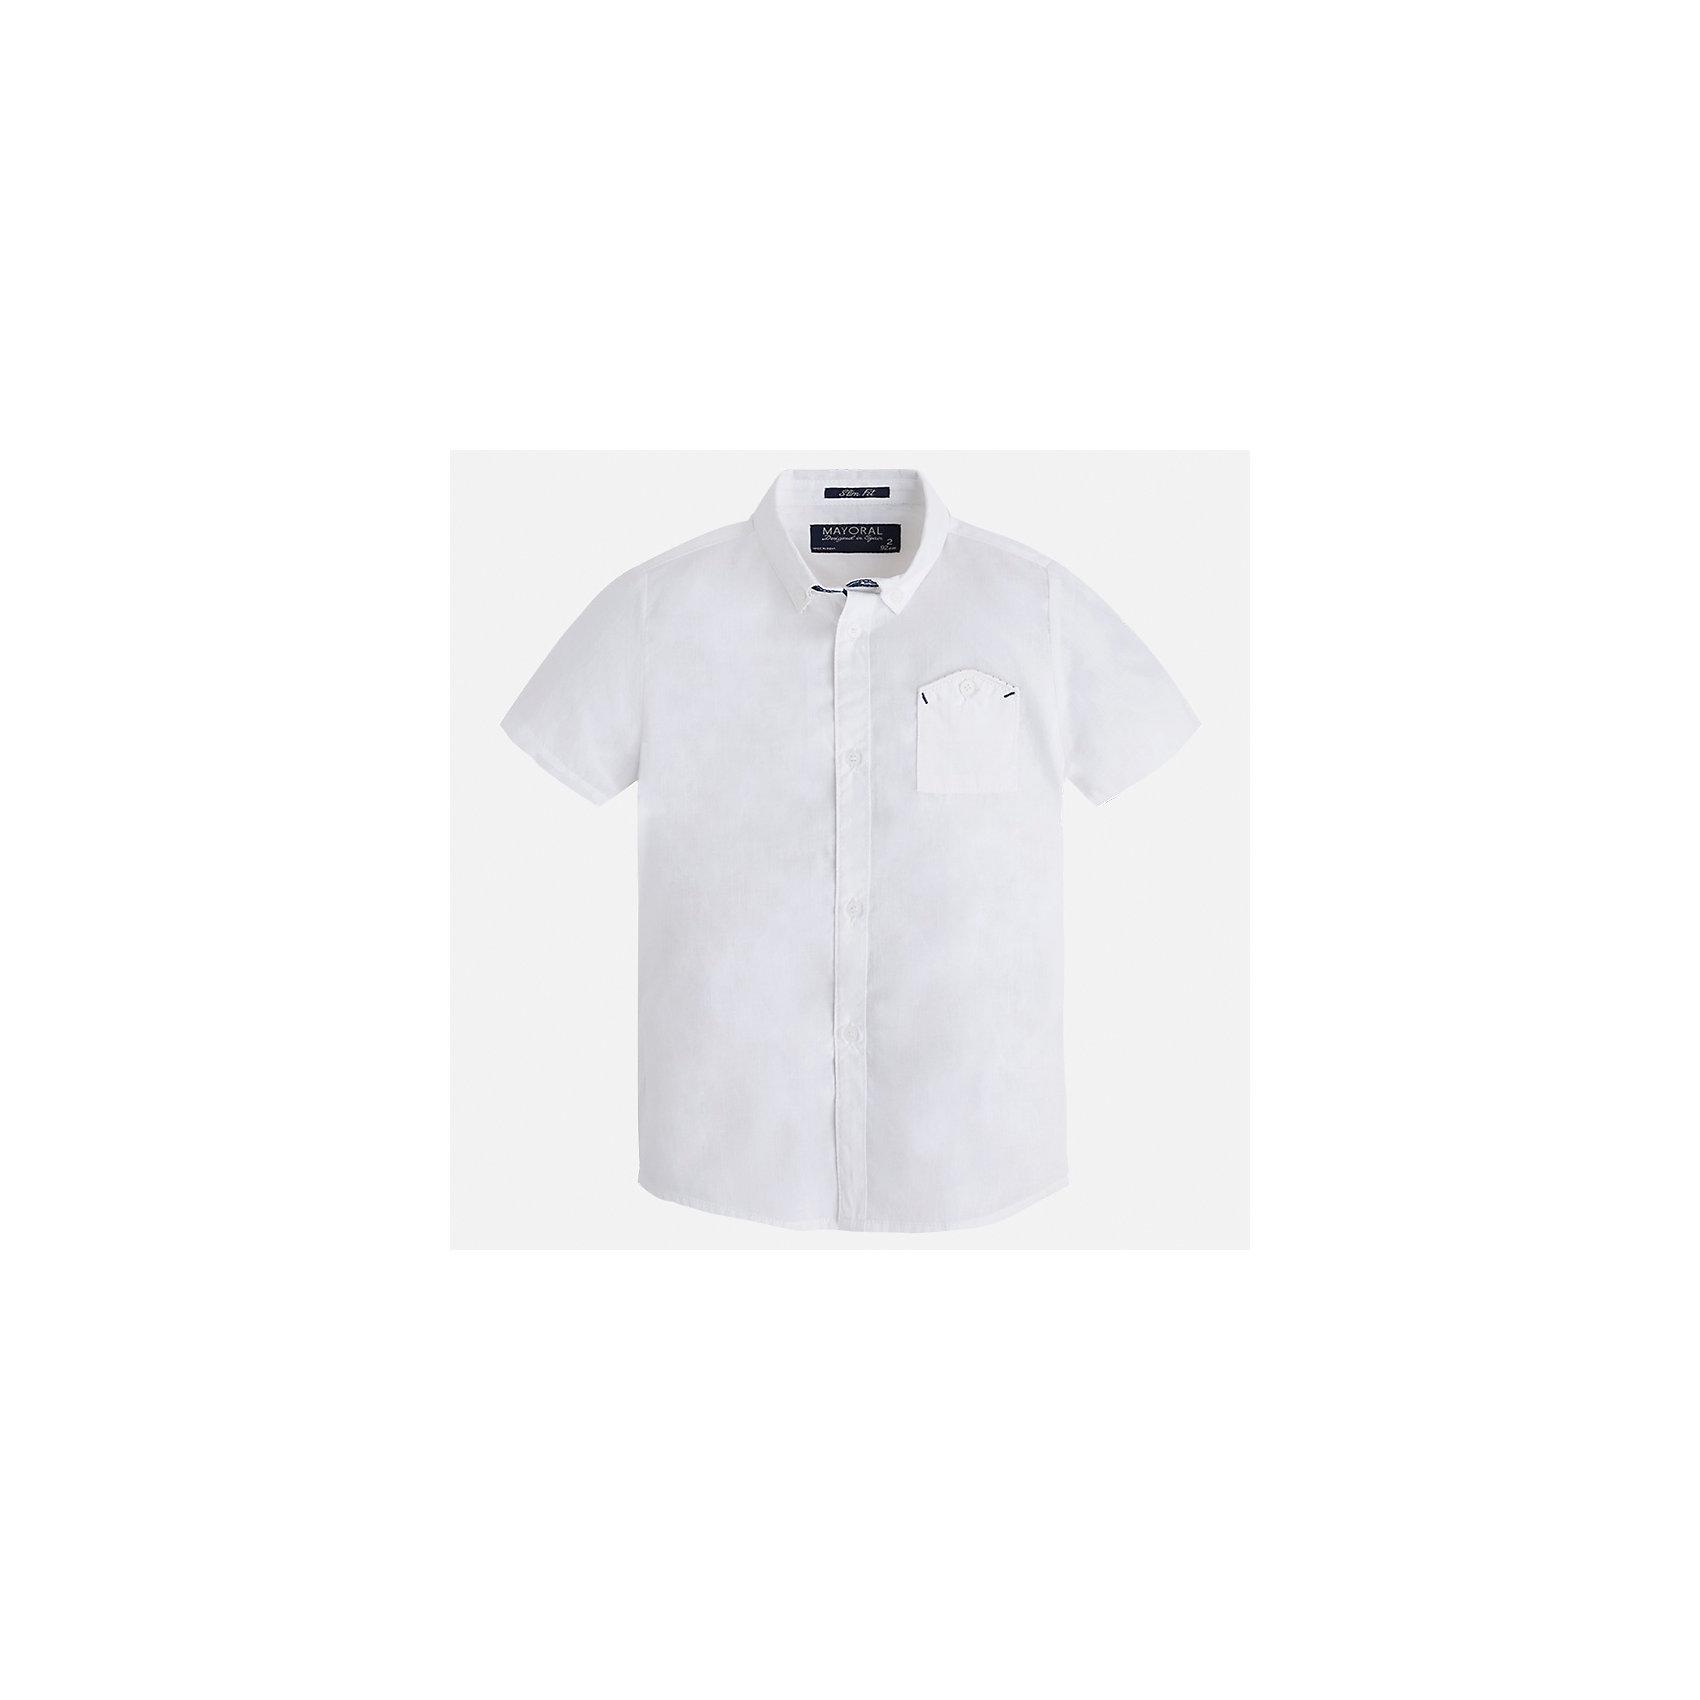 Рубашка для мальчика MayoralОдежда<br>Характеристики товара:<br><br>• цвет: белый<br>• состав: 100% хлопок<br>• отложной воротник<br>• короткие рукава<br>• застежка: пуговицы<br>• карман на груди<br>• страна бренда: Испания<br><br>Стильная рубашка для мальчика может стать базовой вещью в гардеробе ребенка. Она отлично сочетается с брюками, шортами, джинсами и т.д. Универсальный крой и цвет позволяет подобрать к вещи низ разных расцветок. Практичное и стильное изделие! В составе материала - только натуральный хлопок, гипоаллергенный, приятный на ощупь, дышащий.<br><br>Одежда, обувь и аксессуары от испанского бренда Mayoral полюбились детям и взрослым по всему миру. Модели этой марки - стильные и удобные. Для их производства используются только безопасные, качественные материалы и фурнитура. Порадуйте ребенка модными и красивыми вещами от Mayoral! <br><br>Рубашку для мальчика от испанского бренда Mayoral (Майорал) можно купить в нашем интернет-магазине.<br><br>Ширина мм: 174<br>Глубина мм: 10<br>Высота мм: 169<br>Вес г: 157<br>Цвет: белый<br>Возраст от месяцев: 96<br>Возраст до месяцев: 108<br>Пол: Мужской<br>Возраст: Детский<br>Размер: 134,92,98,104,110,116,122,128<br>SKU: 5272216